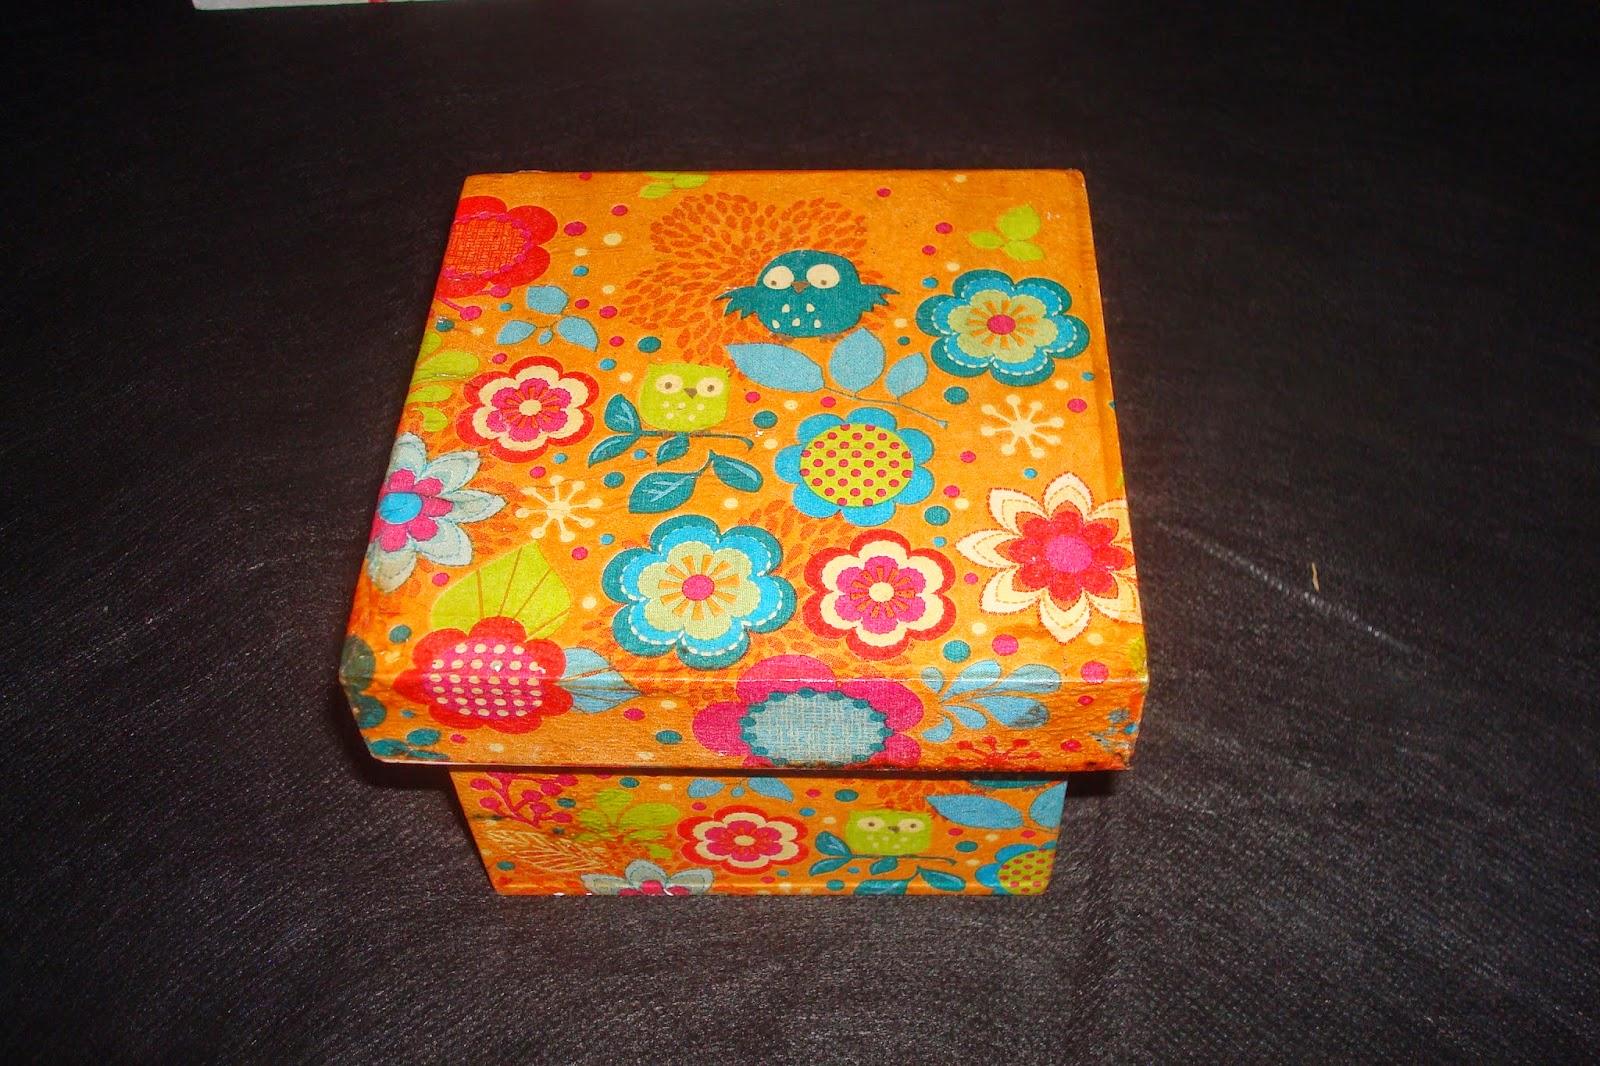 Tienda de objetos cajas decoradas con papel - Cajas forradas de papel ...